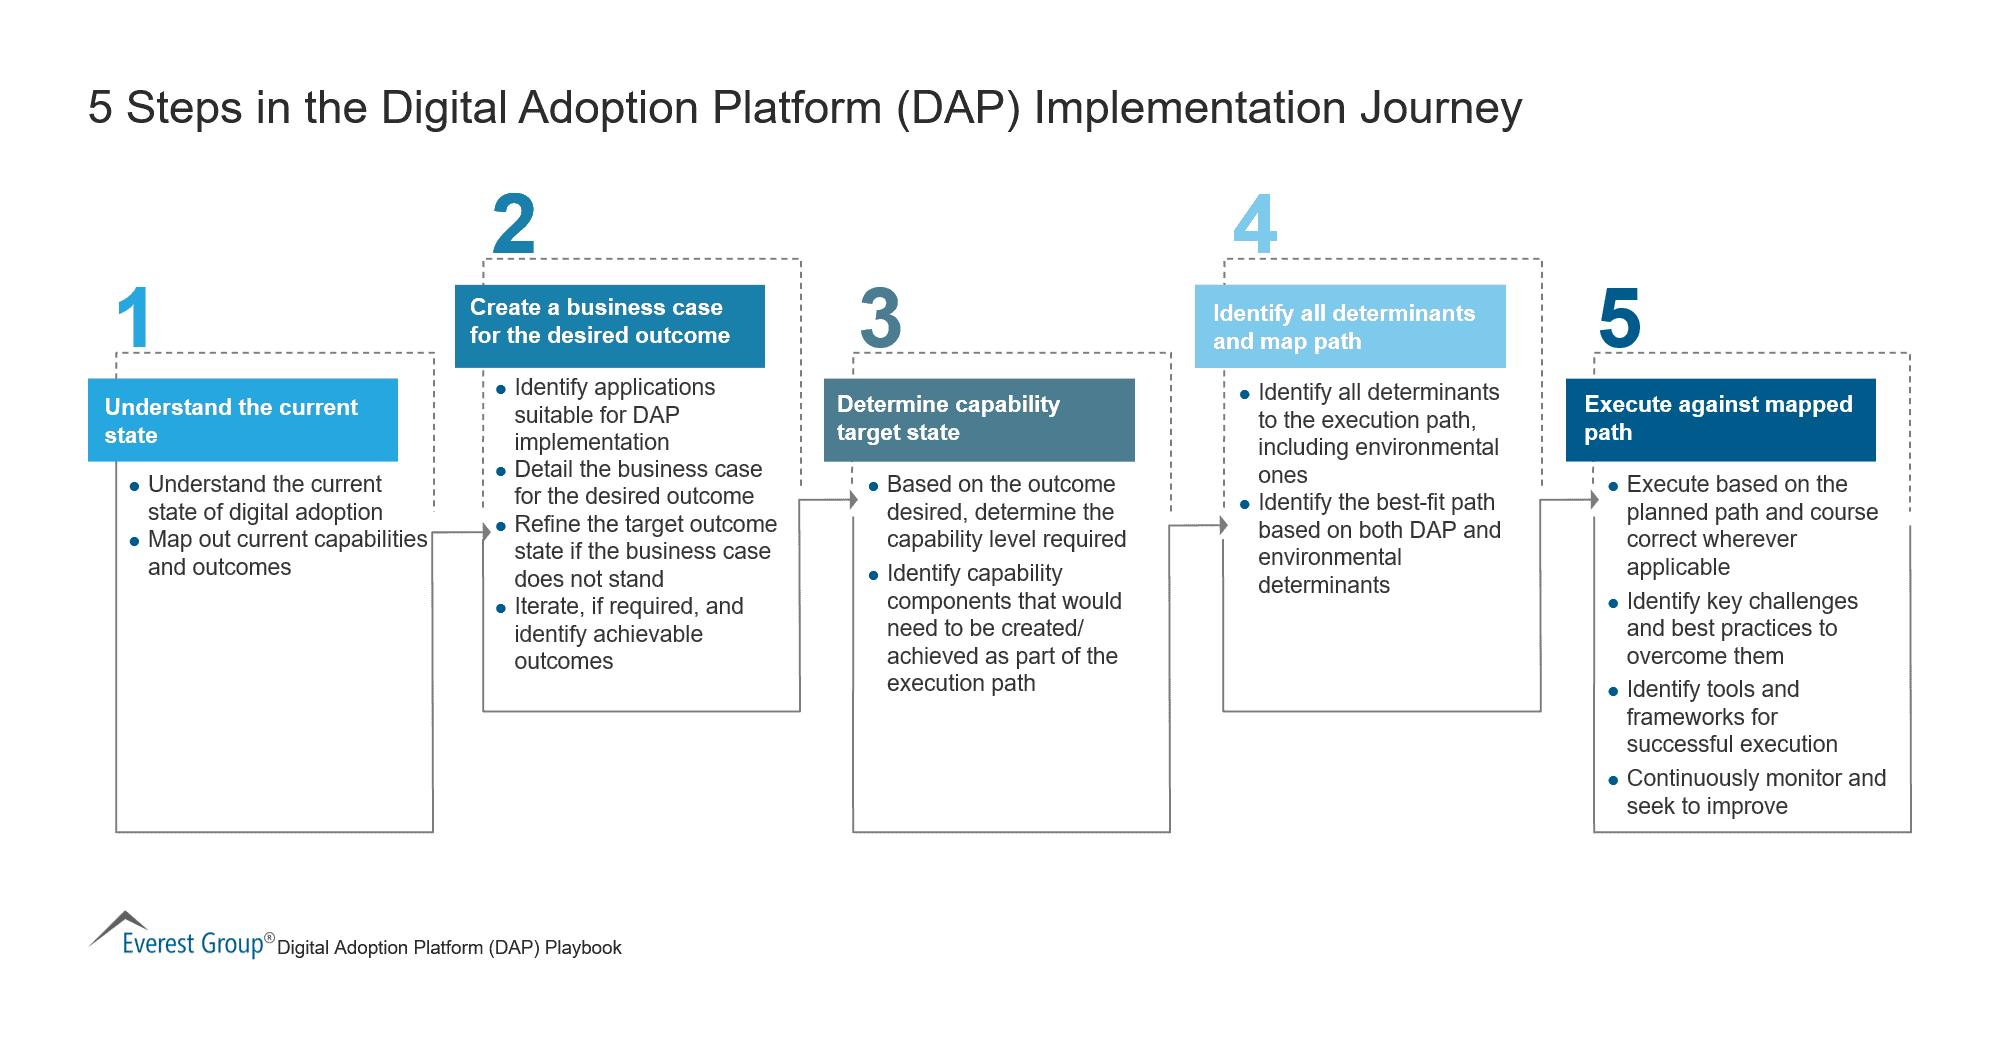 5 Steps in the Digital Adoption Platform Implementation Journey